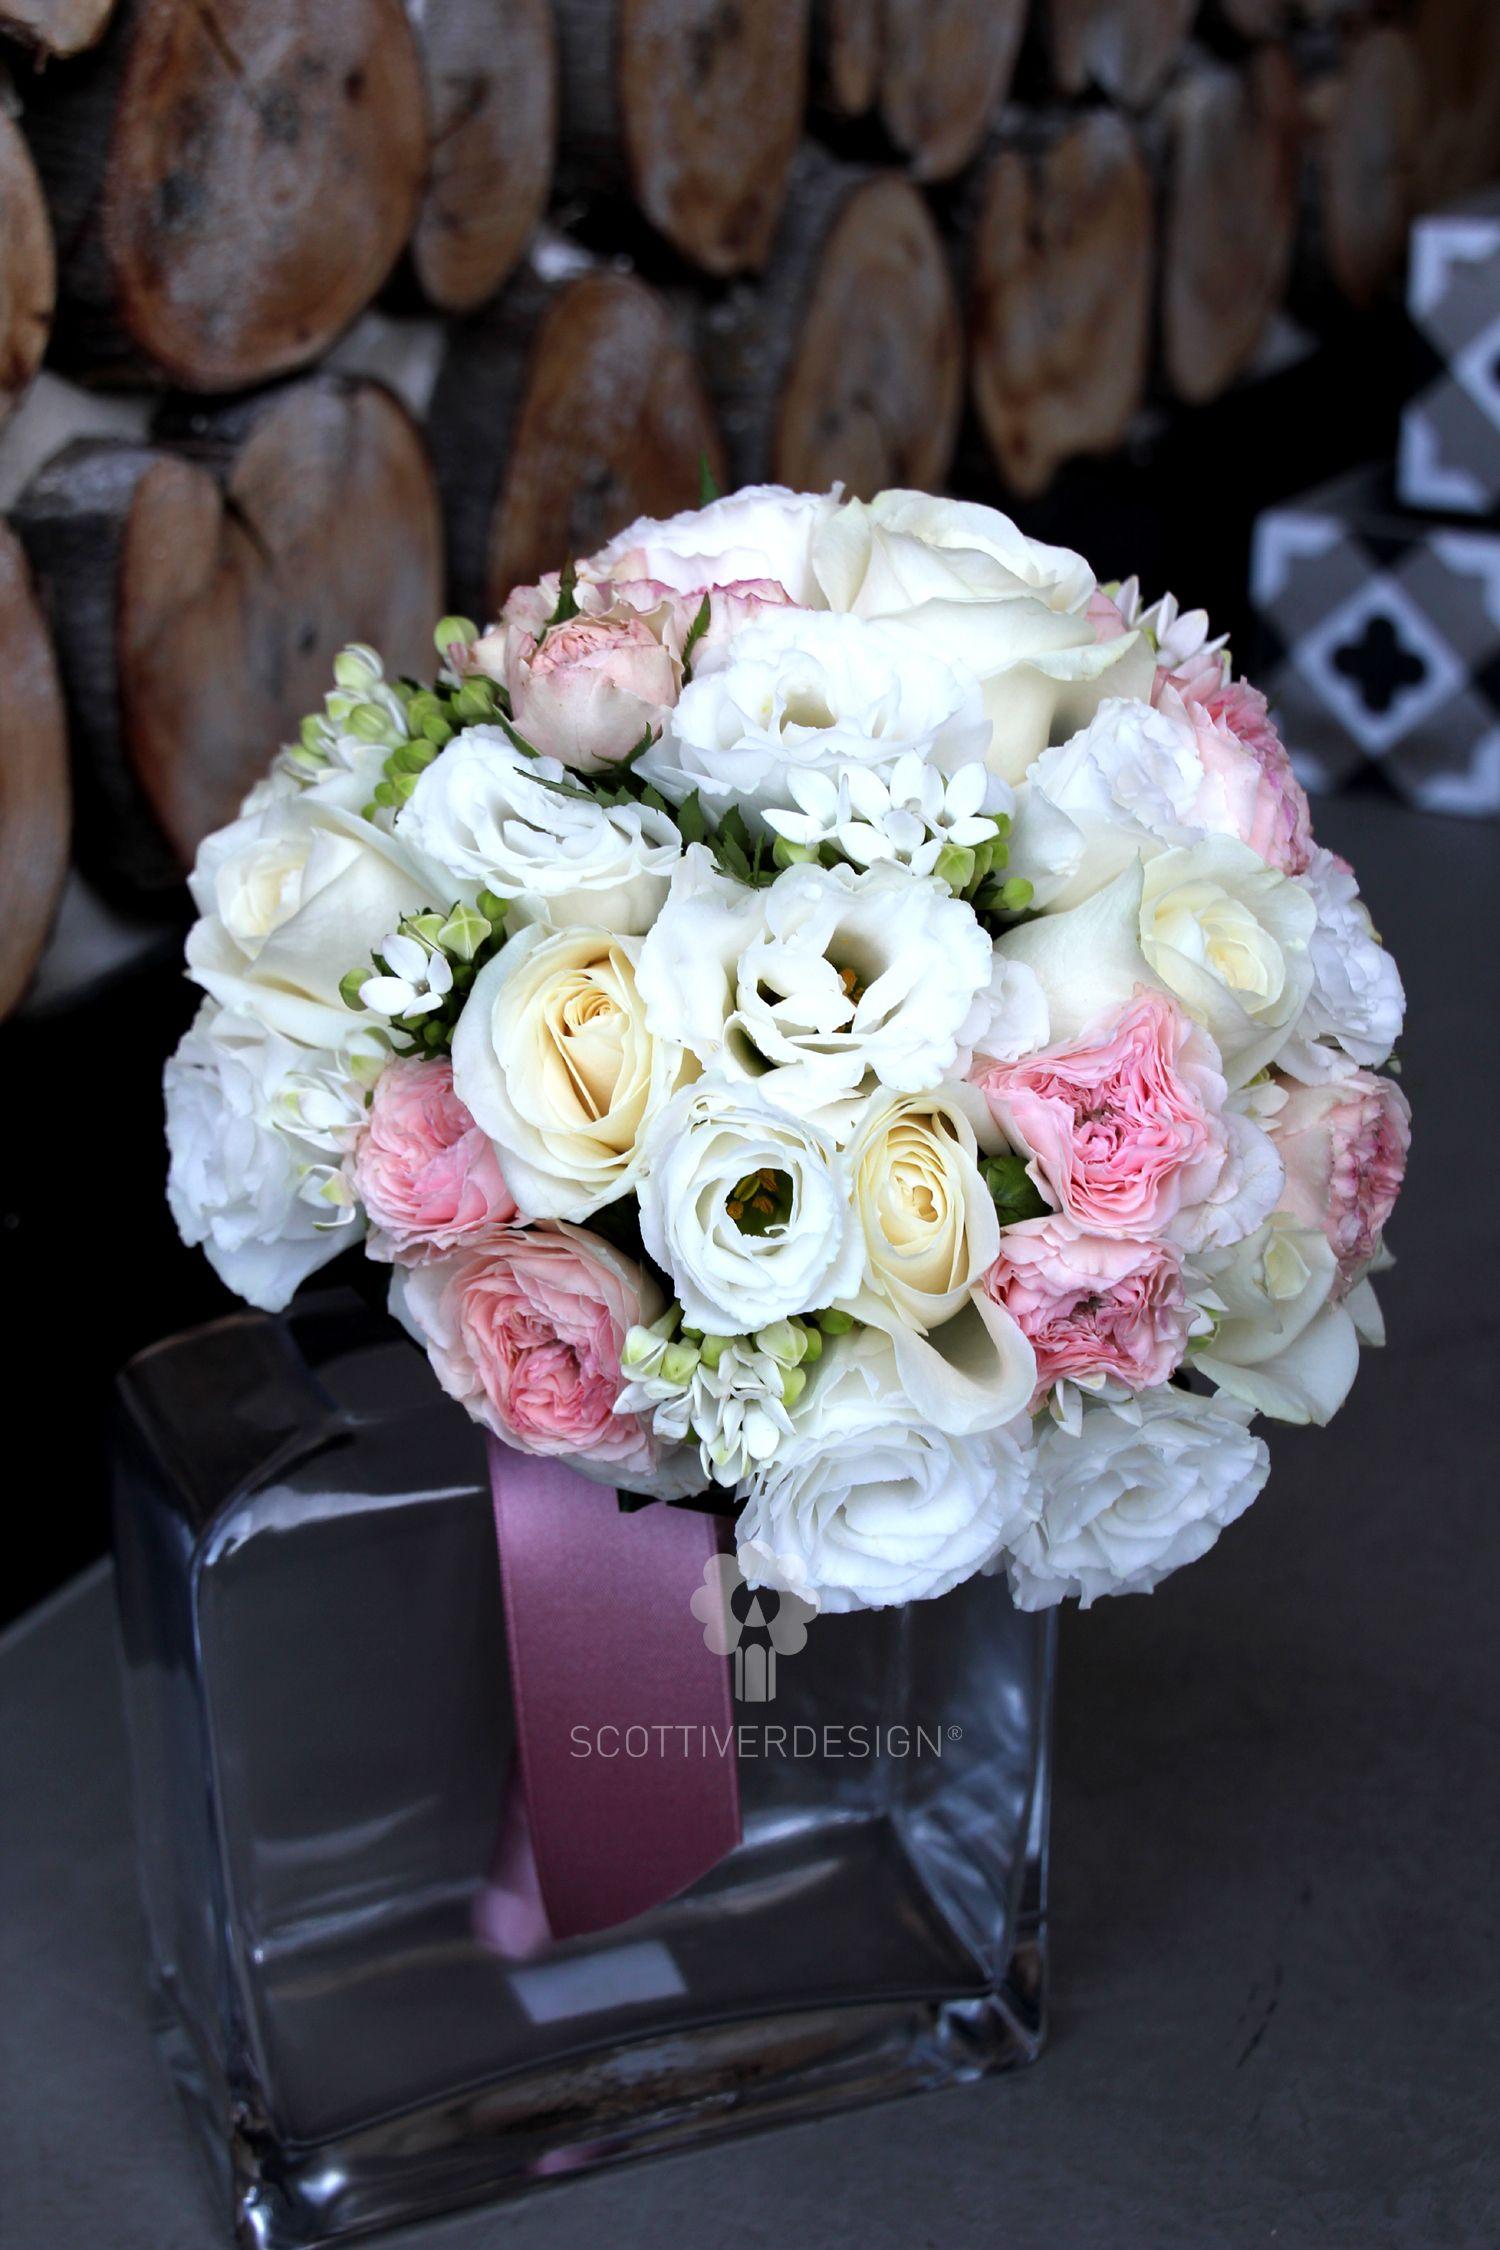 Bouquet Sposa Rosa E Bianco.Bouquet Sposa Dai Toni Del Rosa Cipria Avorio E Bianco